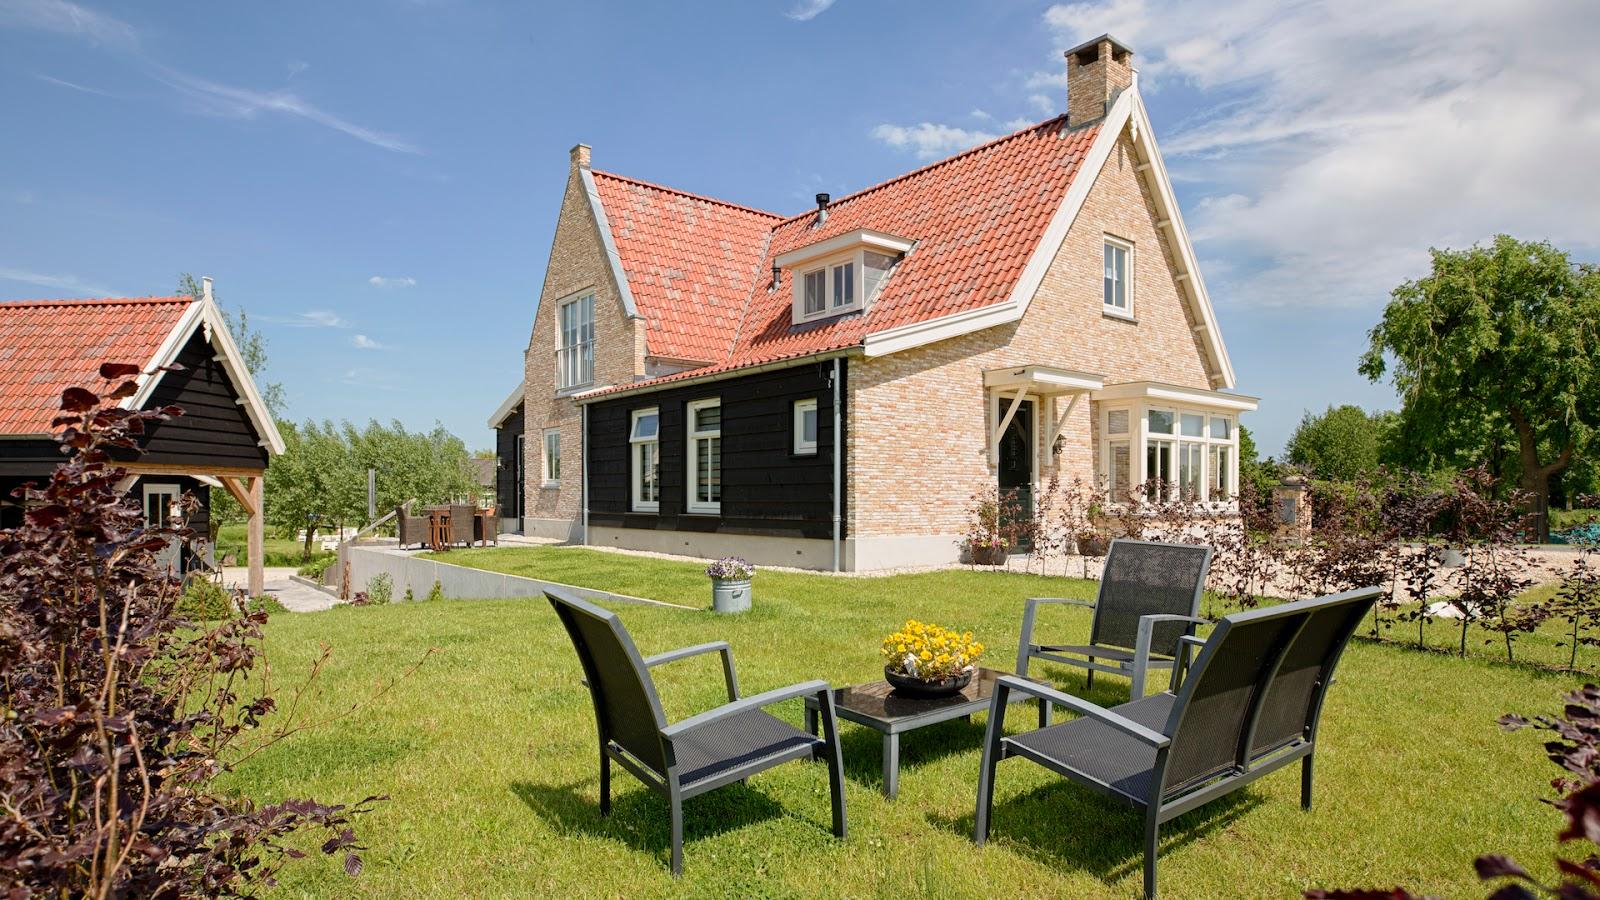 Fotoreportage landelijke woning for Landelijke woning